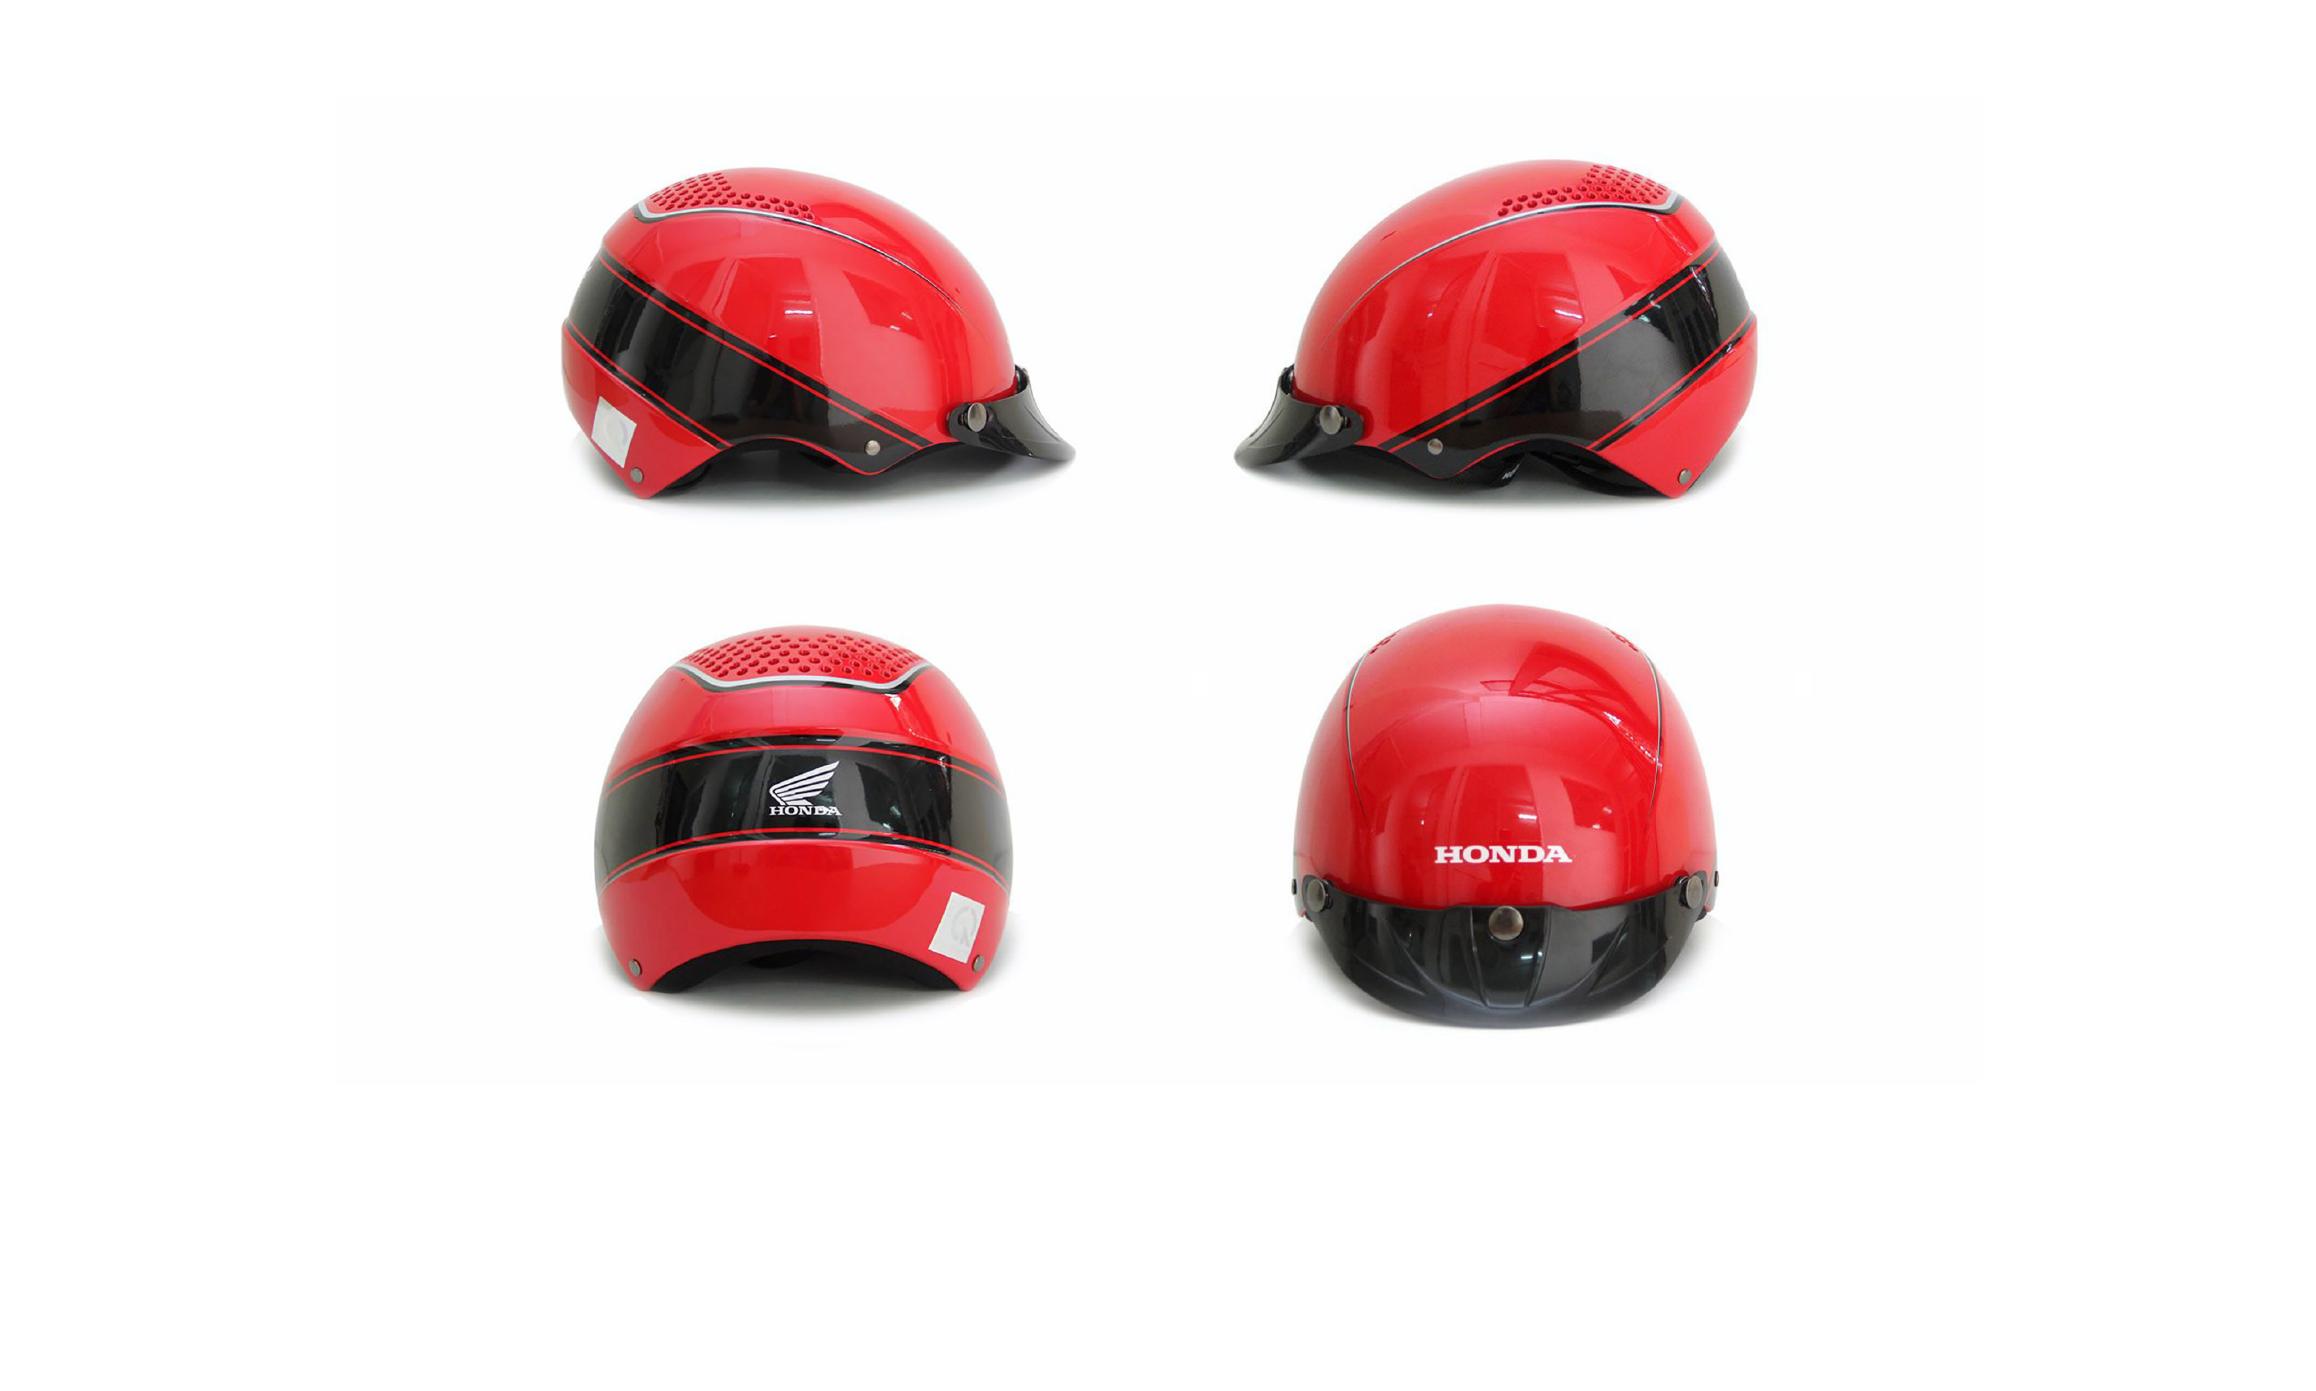 Protec tự hào là đơn vị sản xuất mũ bảo hiểm quảng cáo cho hãng xe máy Honda